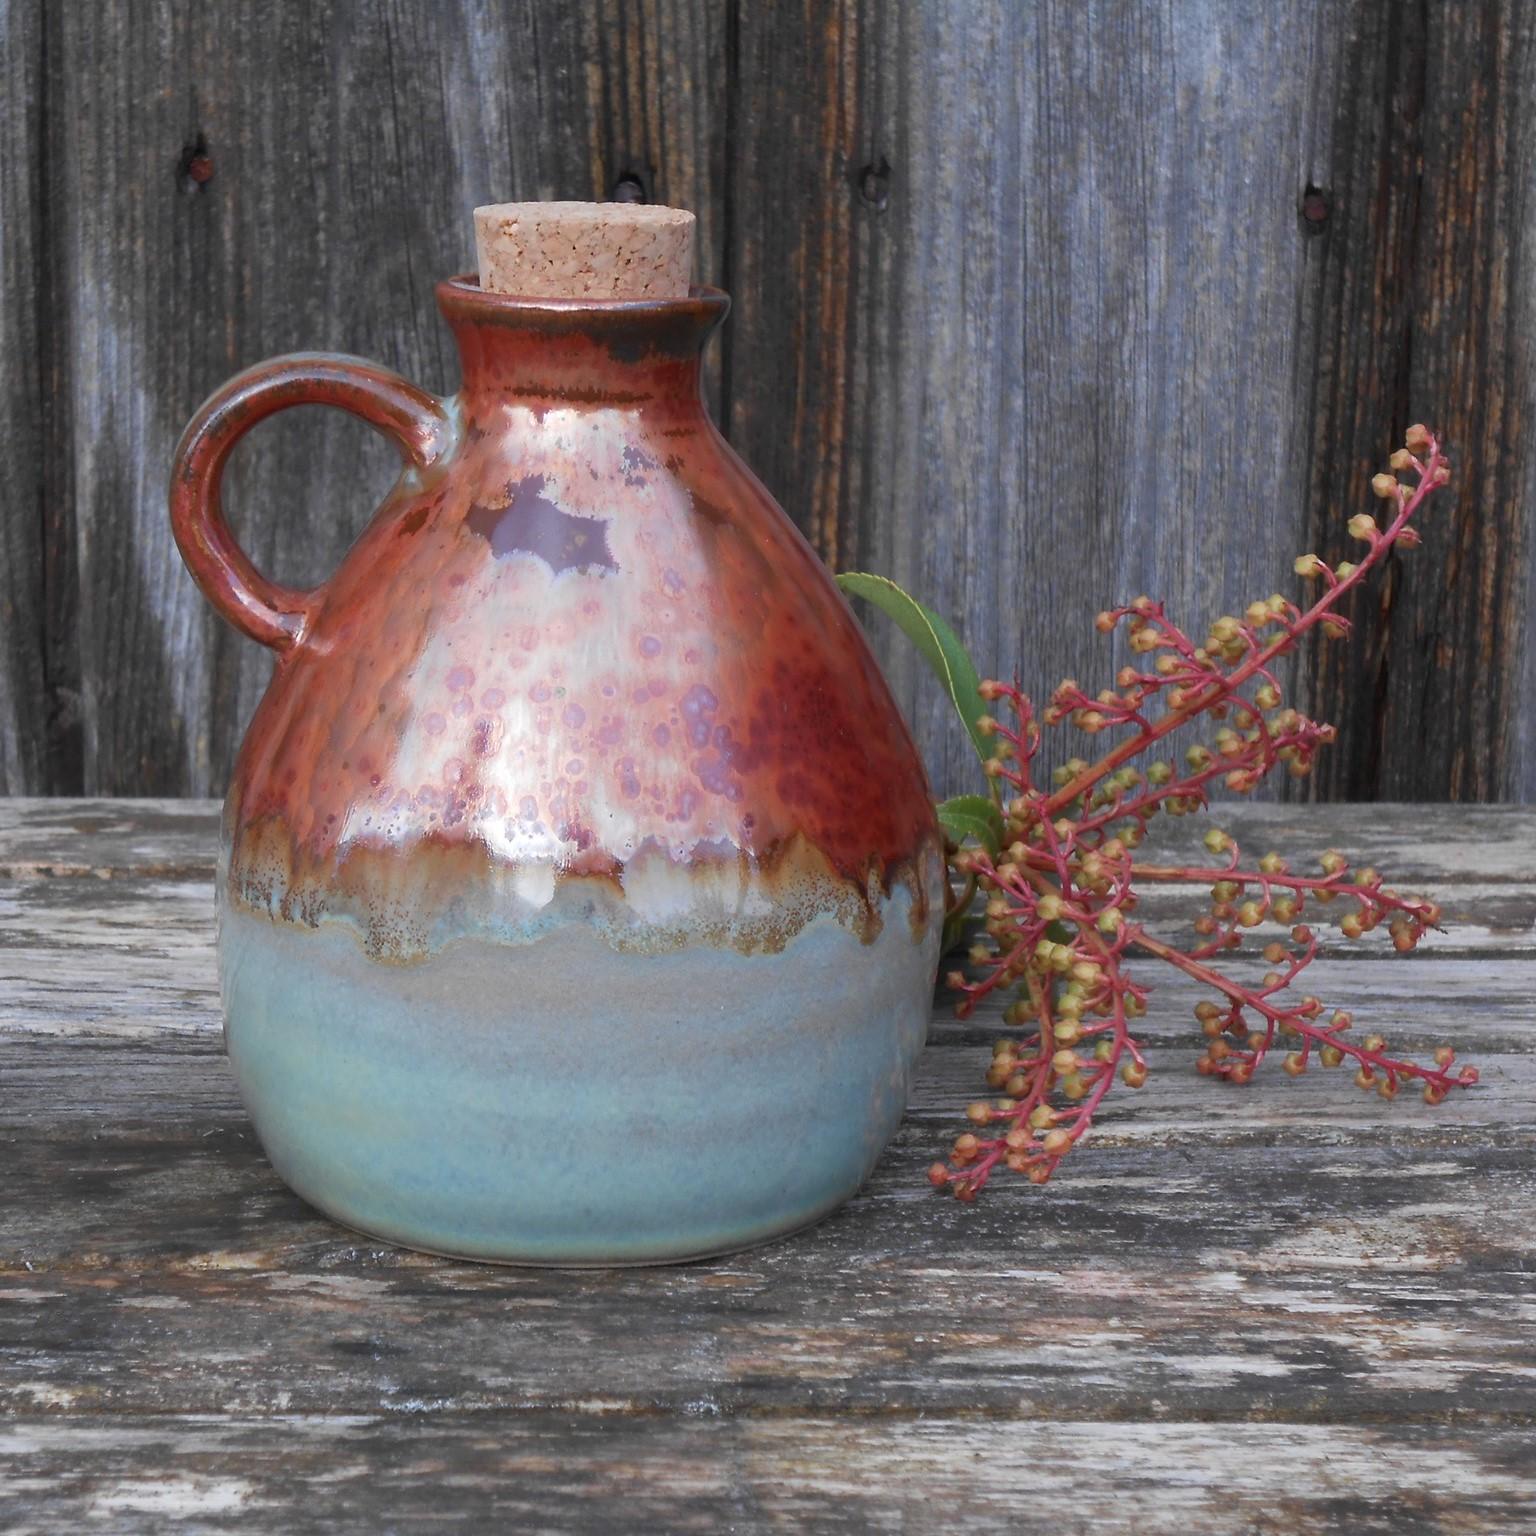 ceramic oil jug